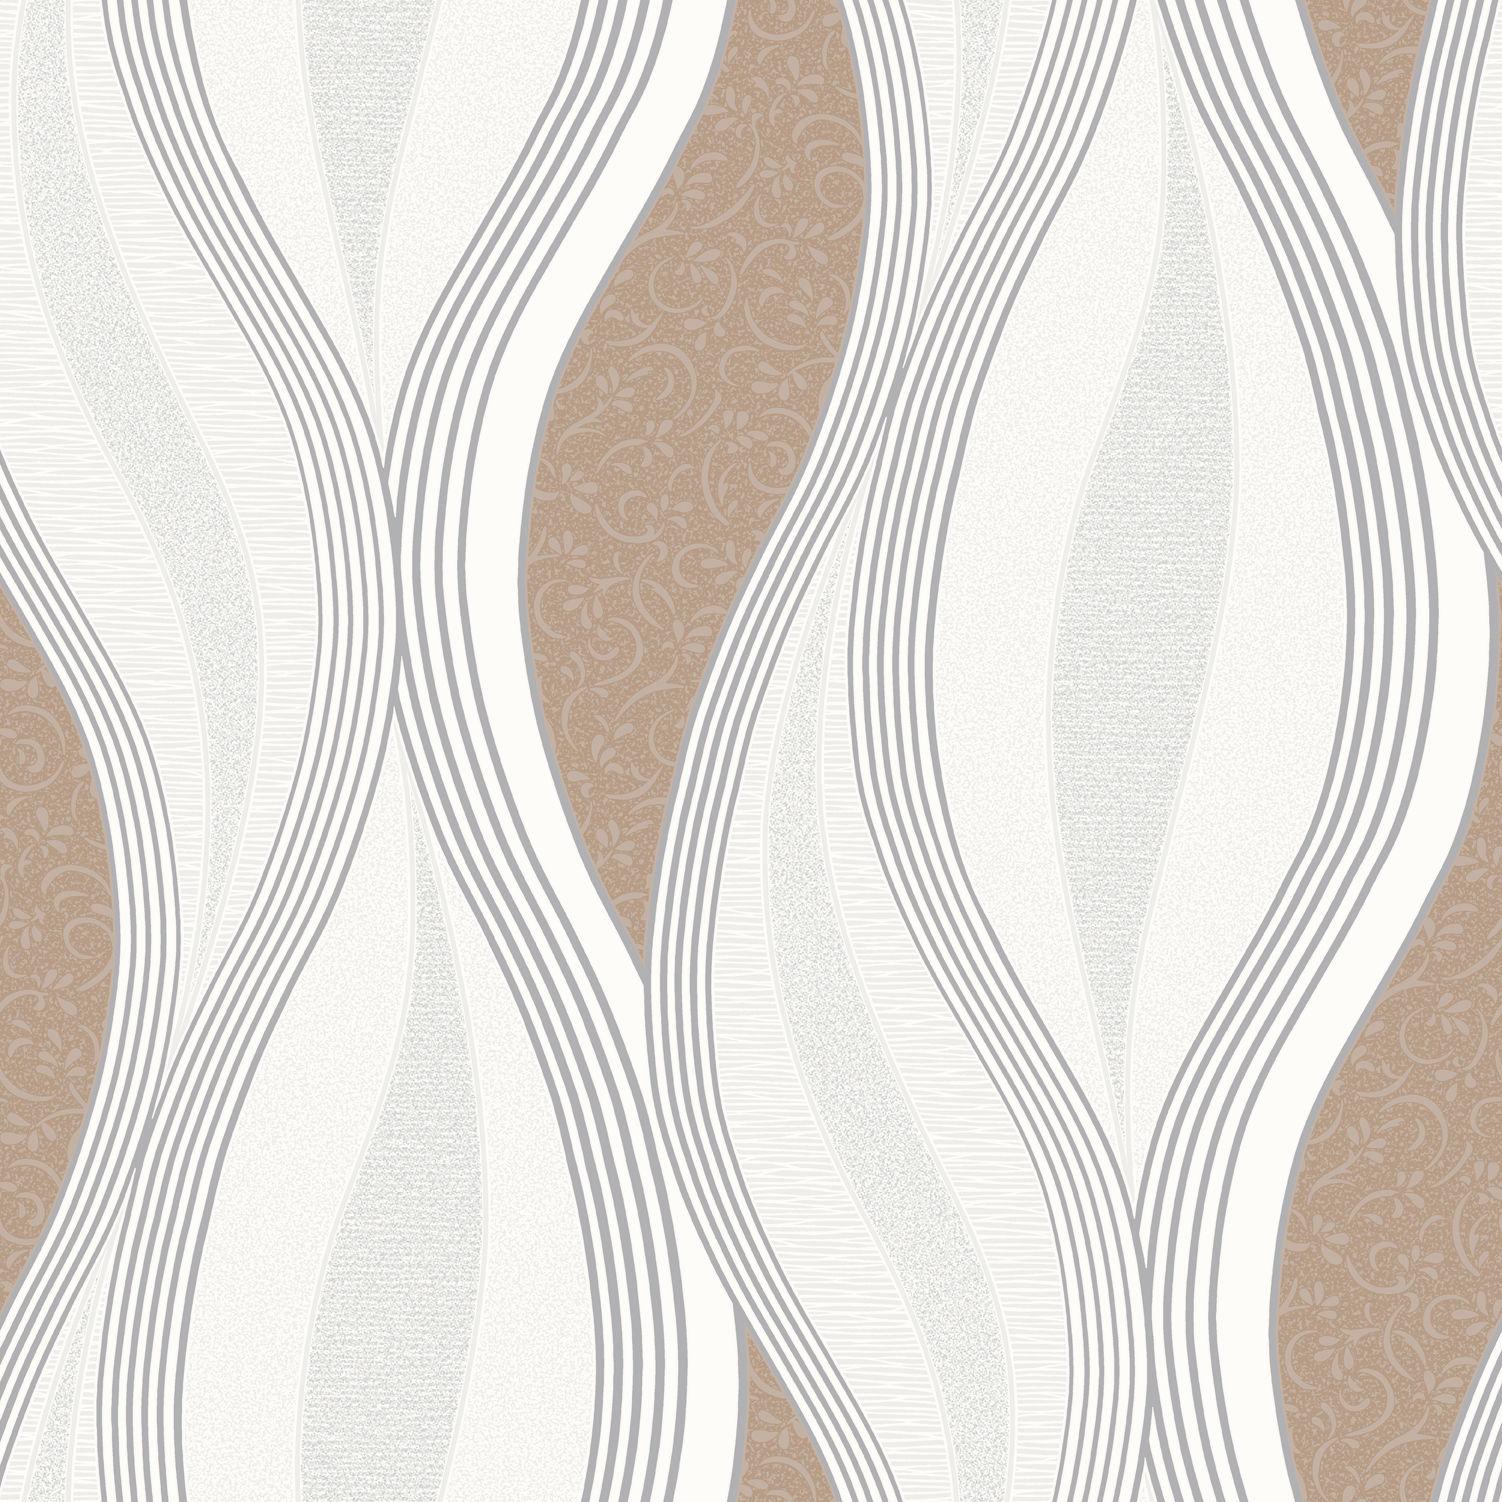 Blown Vinyl Wallpaper Modern Design New Beige Brown And Silver